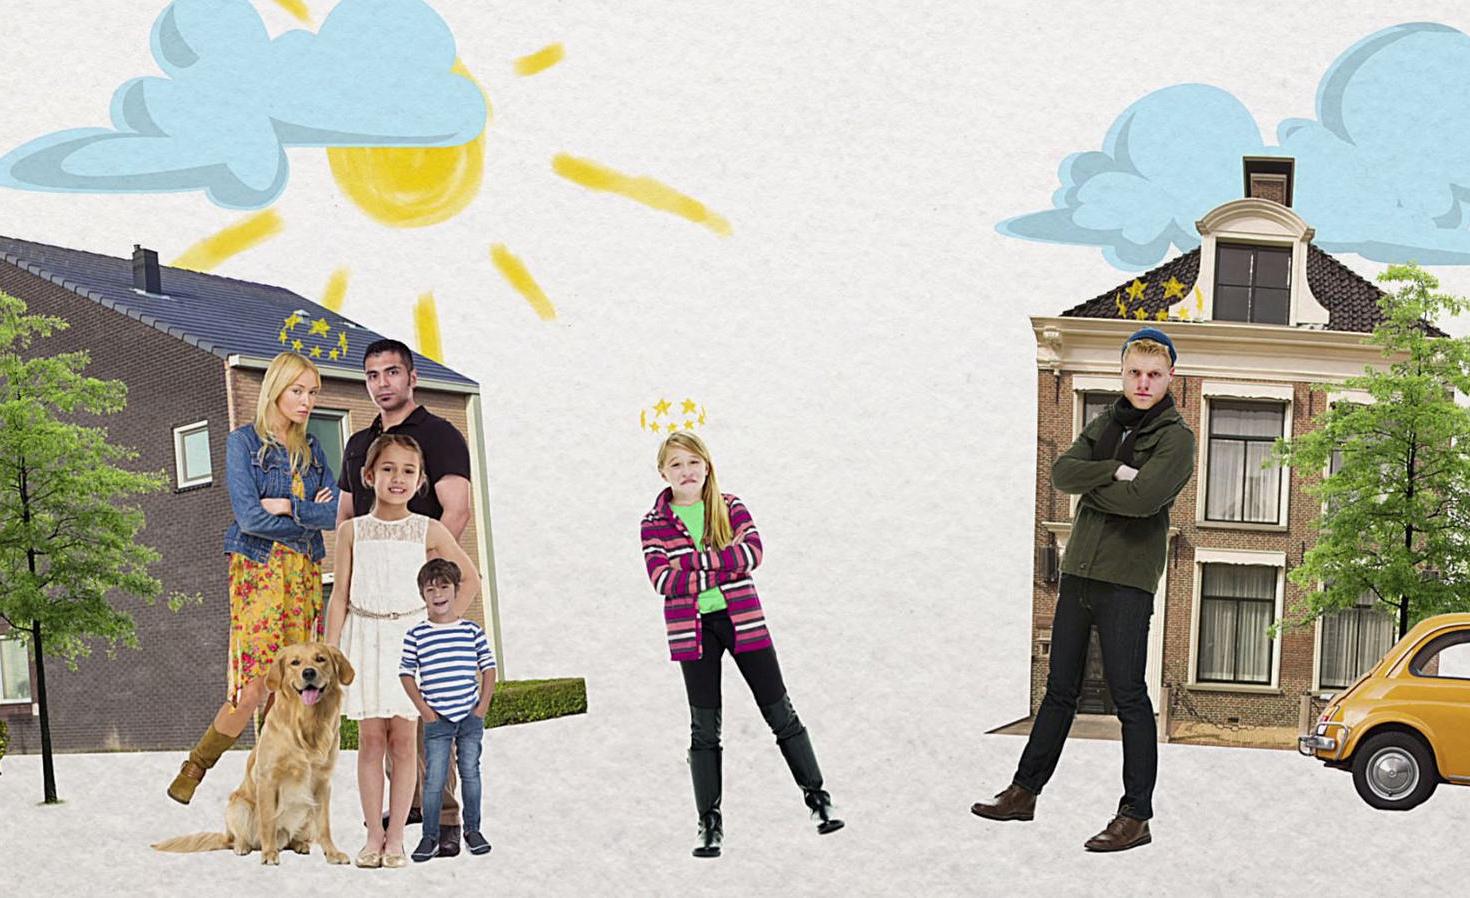 Jaarlijks krijgen 70.000 kinderen te horen dat hun ouders uit elkaar gaan. Daarom maakt Klokhuis een televisieserie over scheiden speciaal voor kinderen!